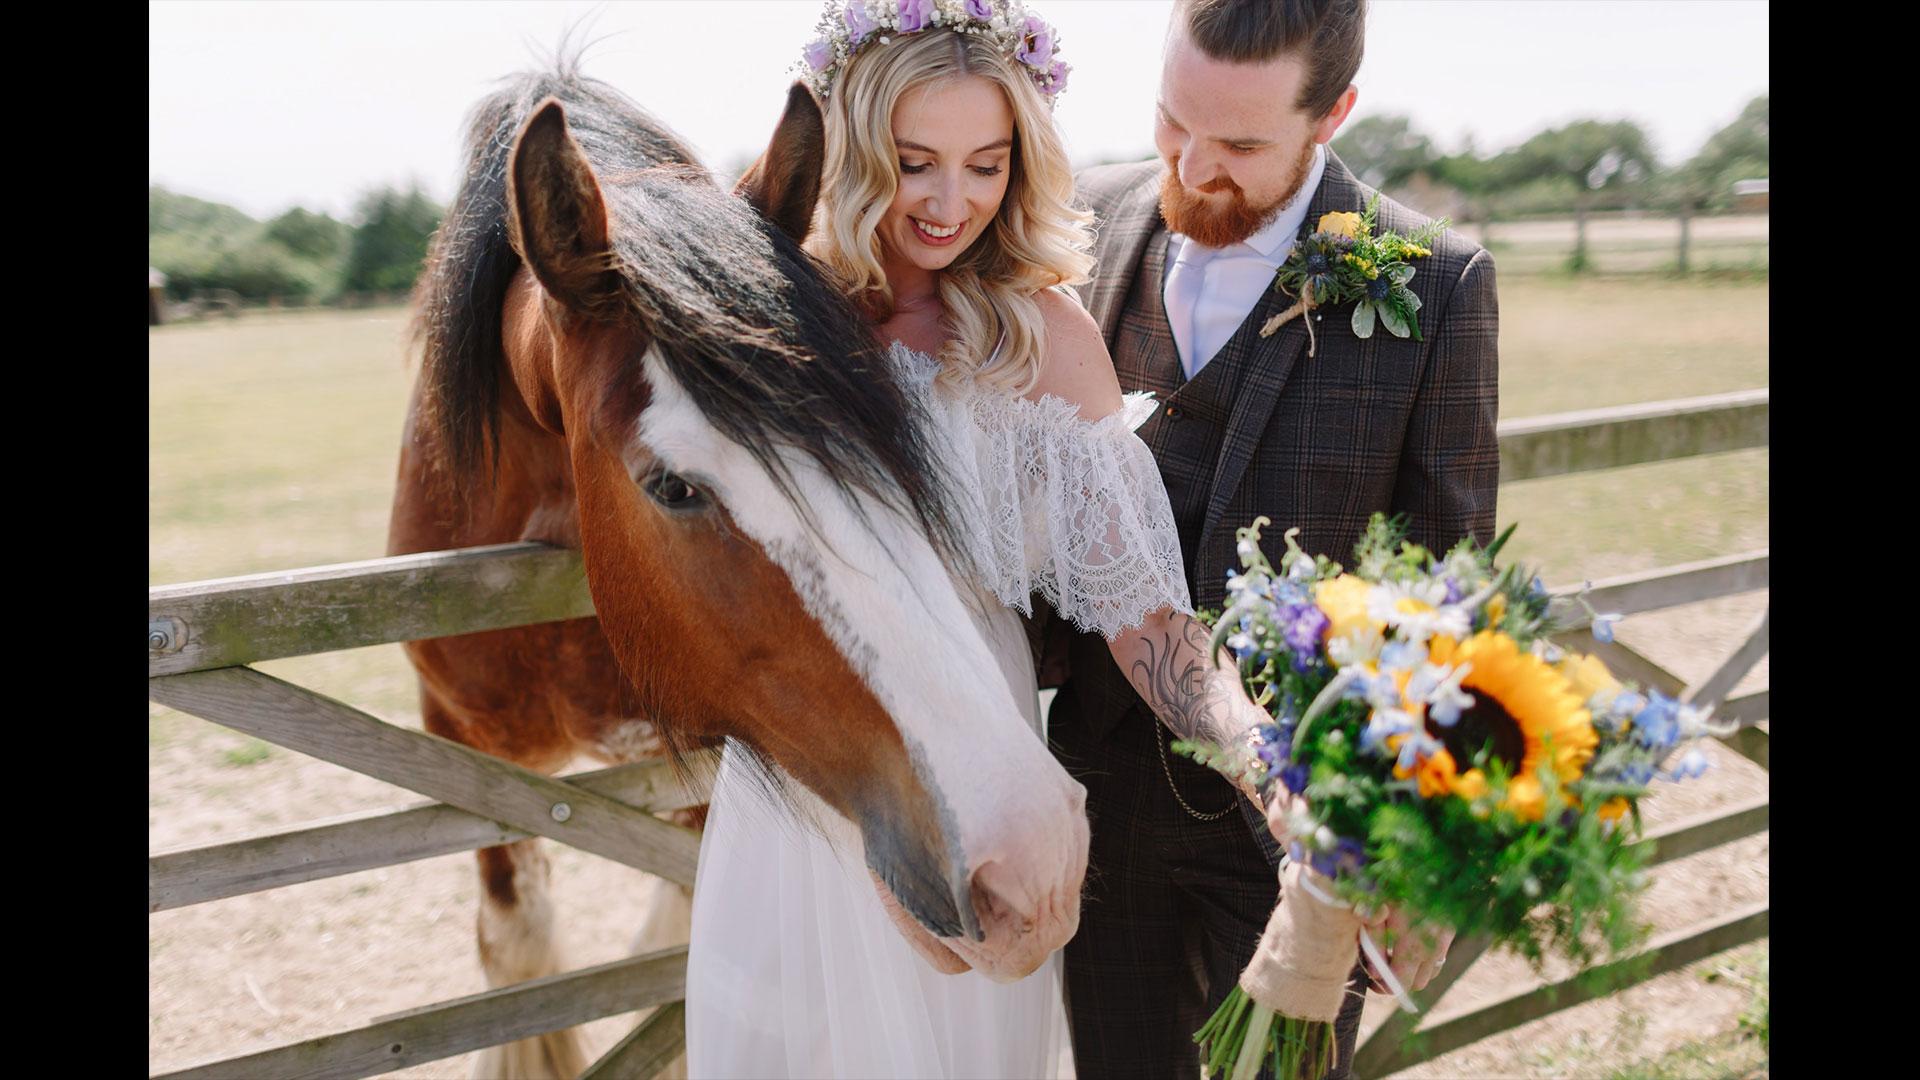 Weddings   Photographer: Sarah WayteCurator: Bryan Esler